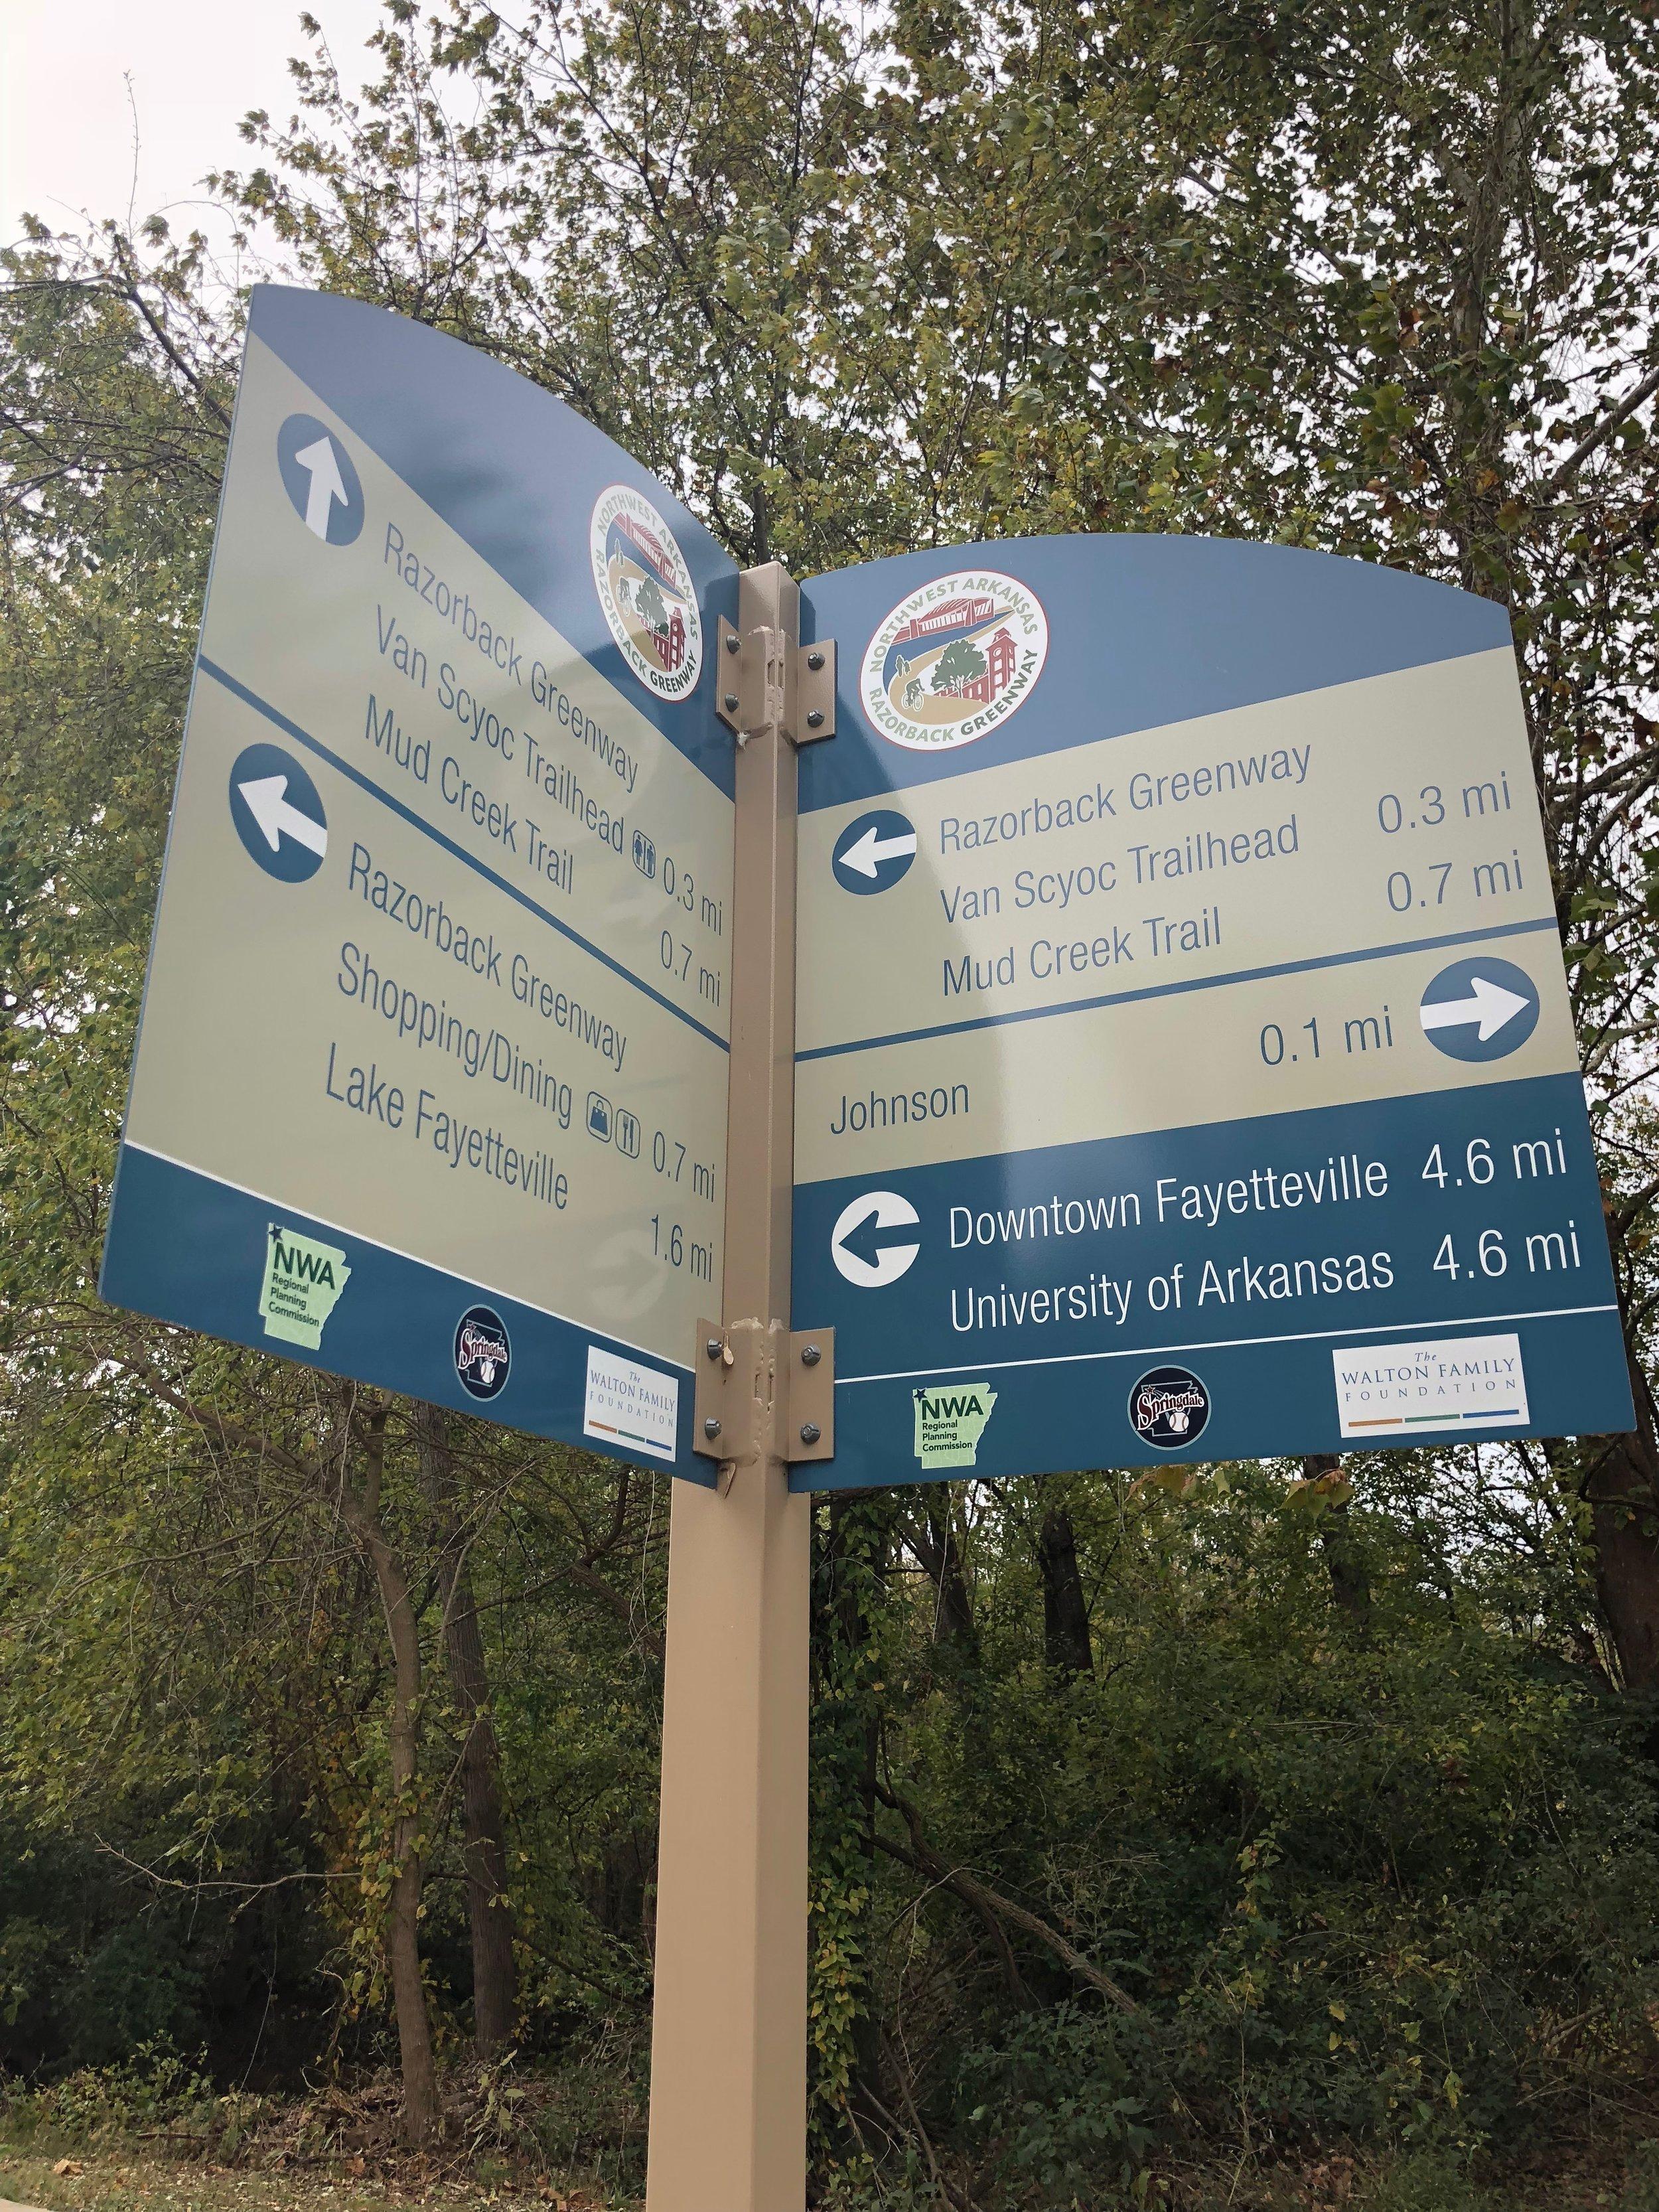 Detailed wayfinding signs; the stuff of trekker dreams